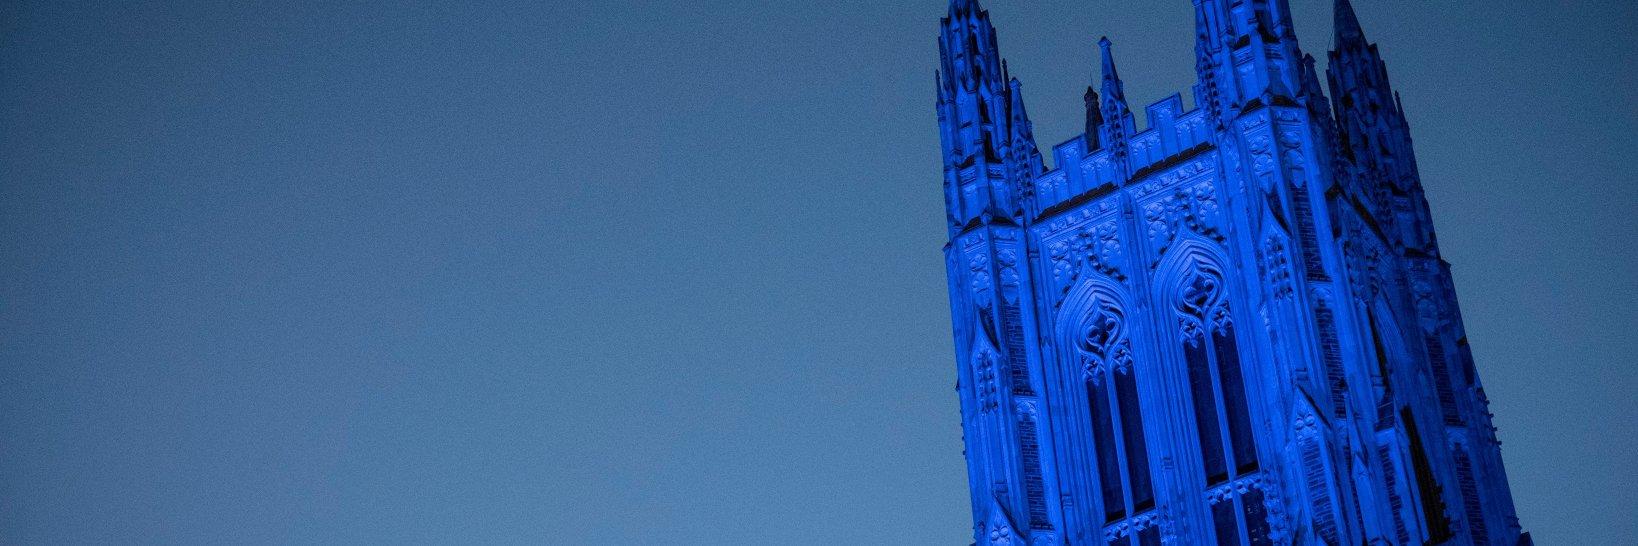 Duke University's official Twitter account